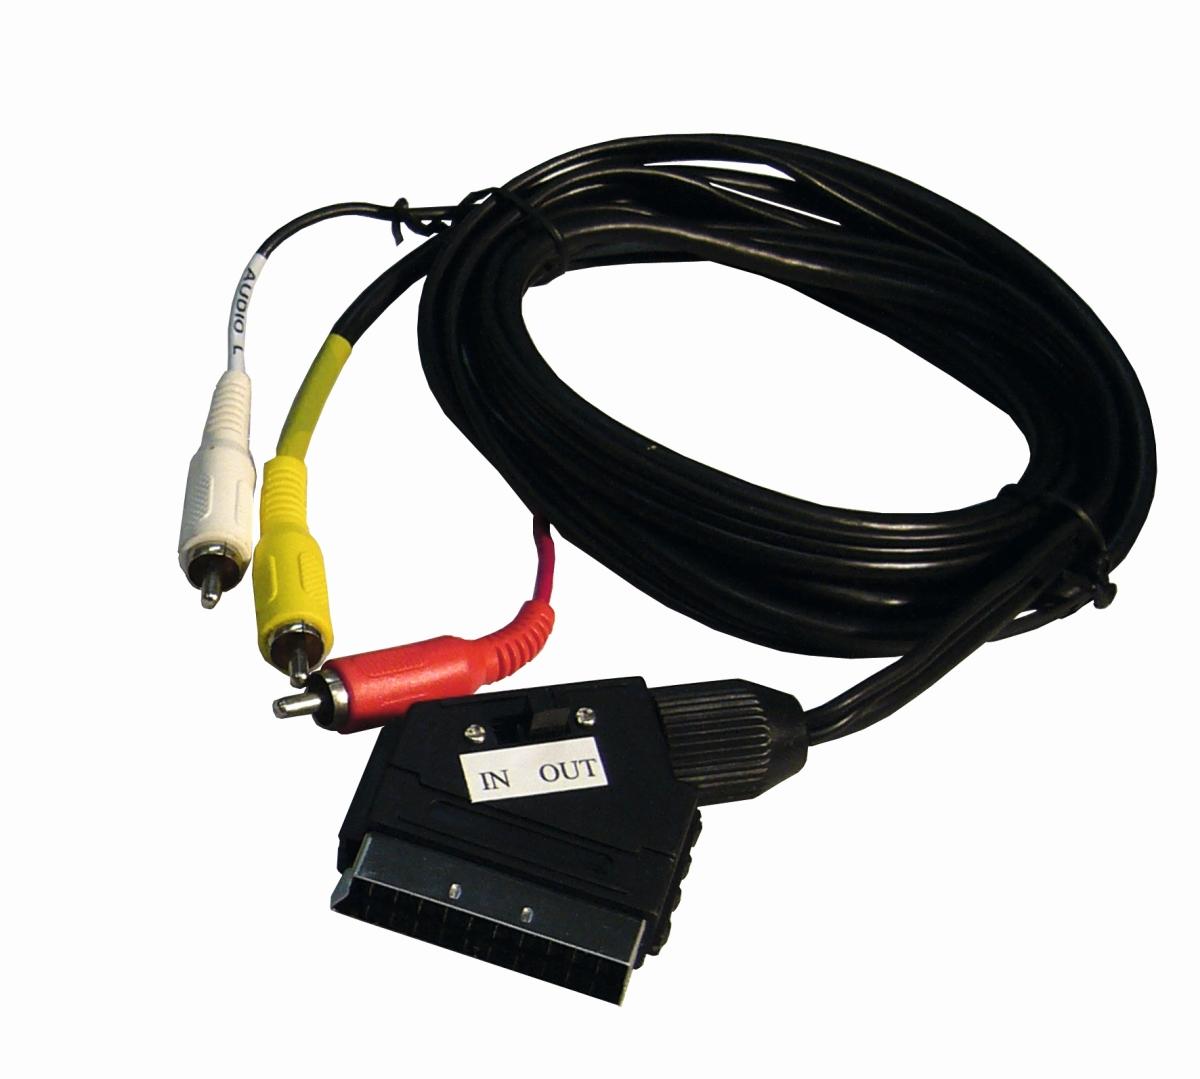 SCART-Adapter mit 5 m Kabel